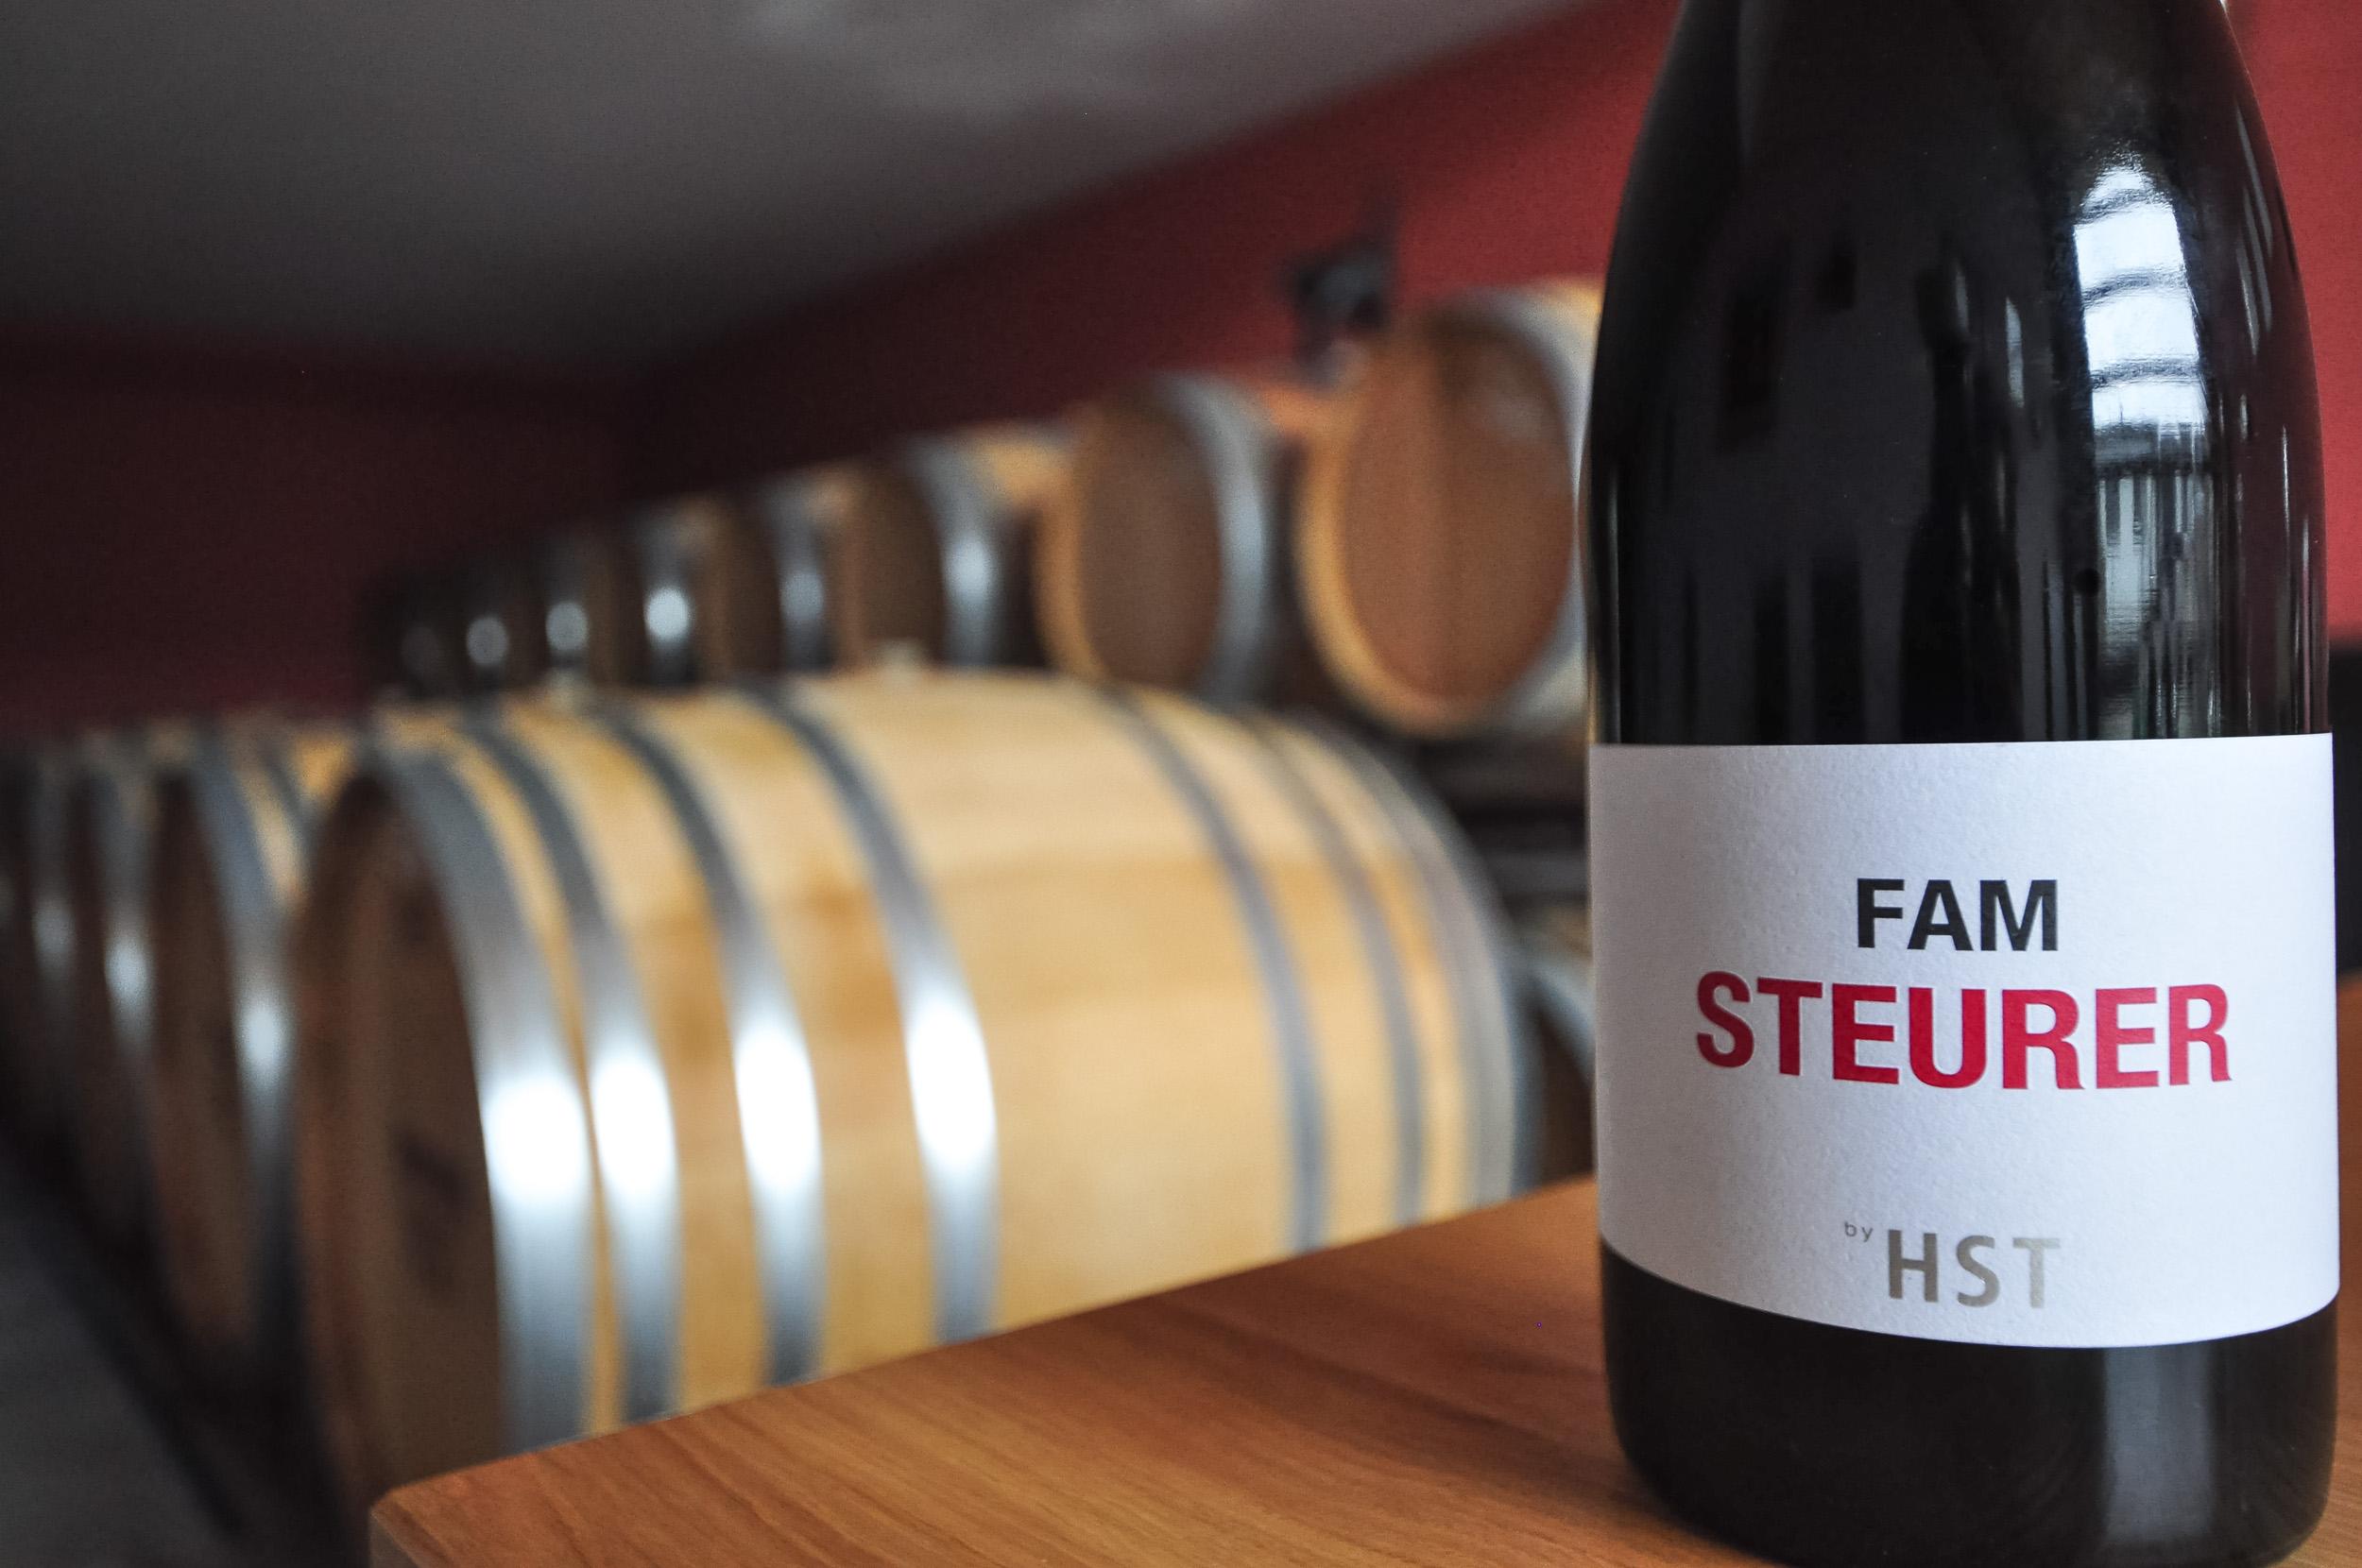 Weingut HST Hannes Steurer, Fam Steurer Wein mit Weinfässern, Foto: Maria Steurer-Haltschuster